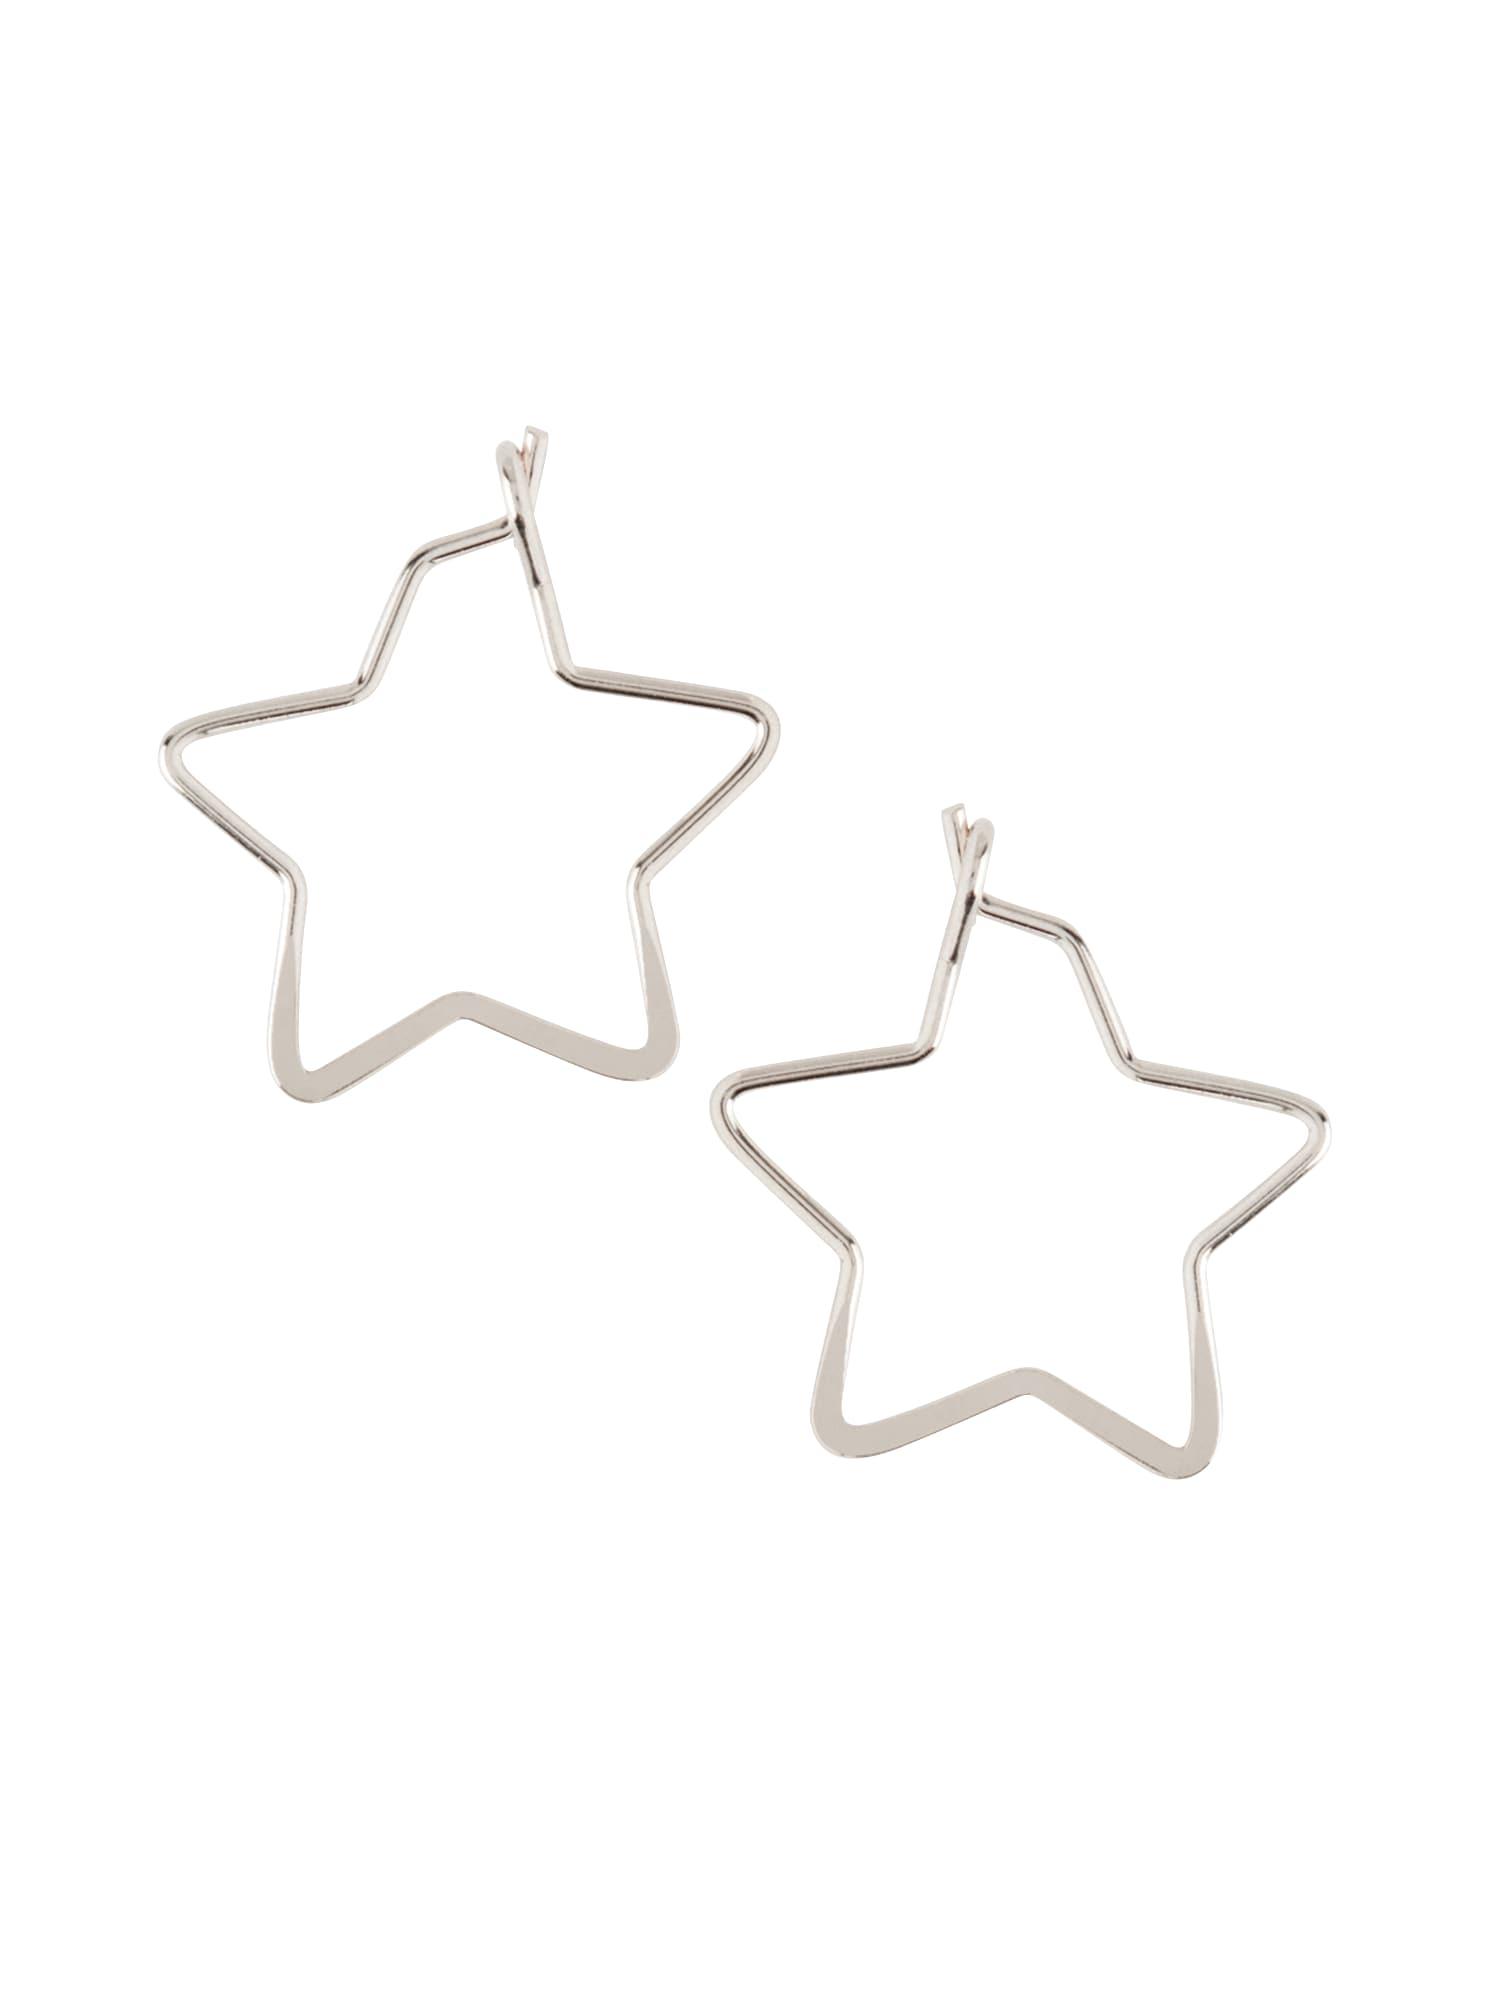 Náušnice small star hoop stříbrná Orelia